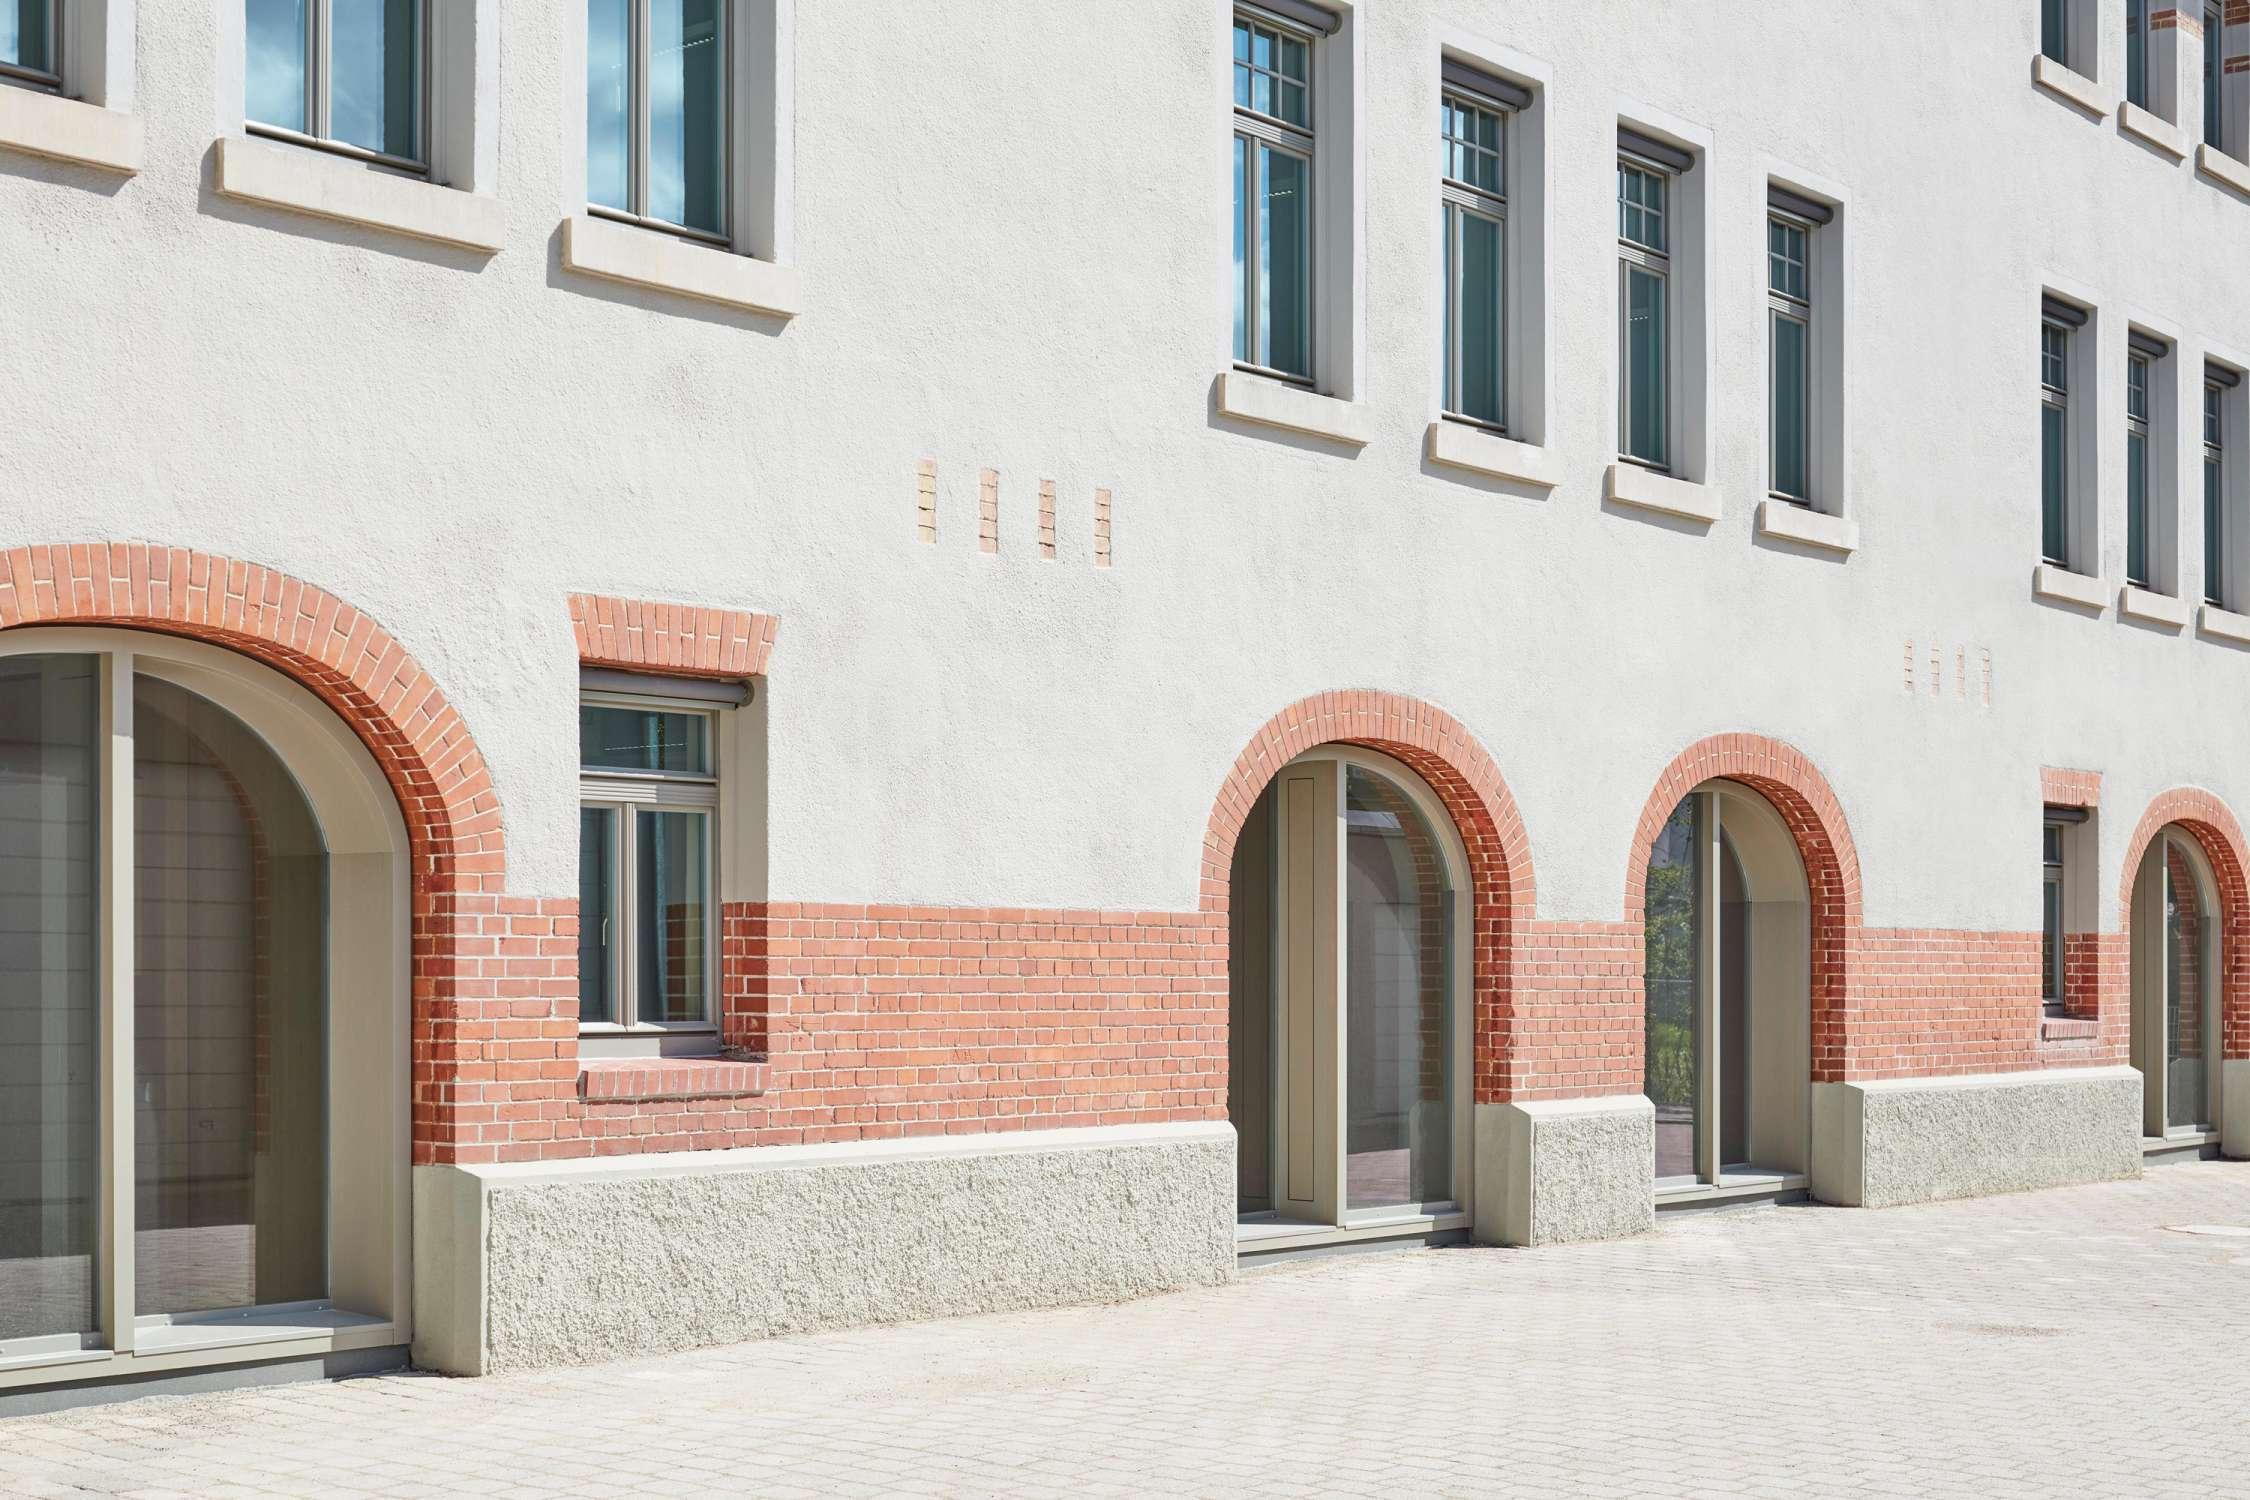 Denkmalpflegerische Sanierung und Umbau Amts-, Nachlass- und Betreuungsgericht (15)